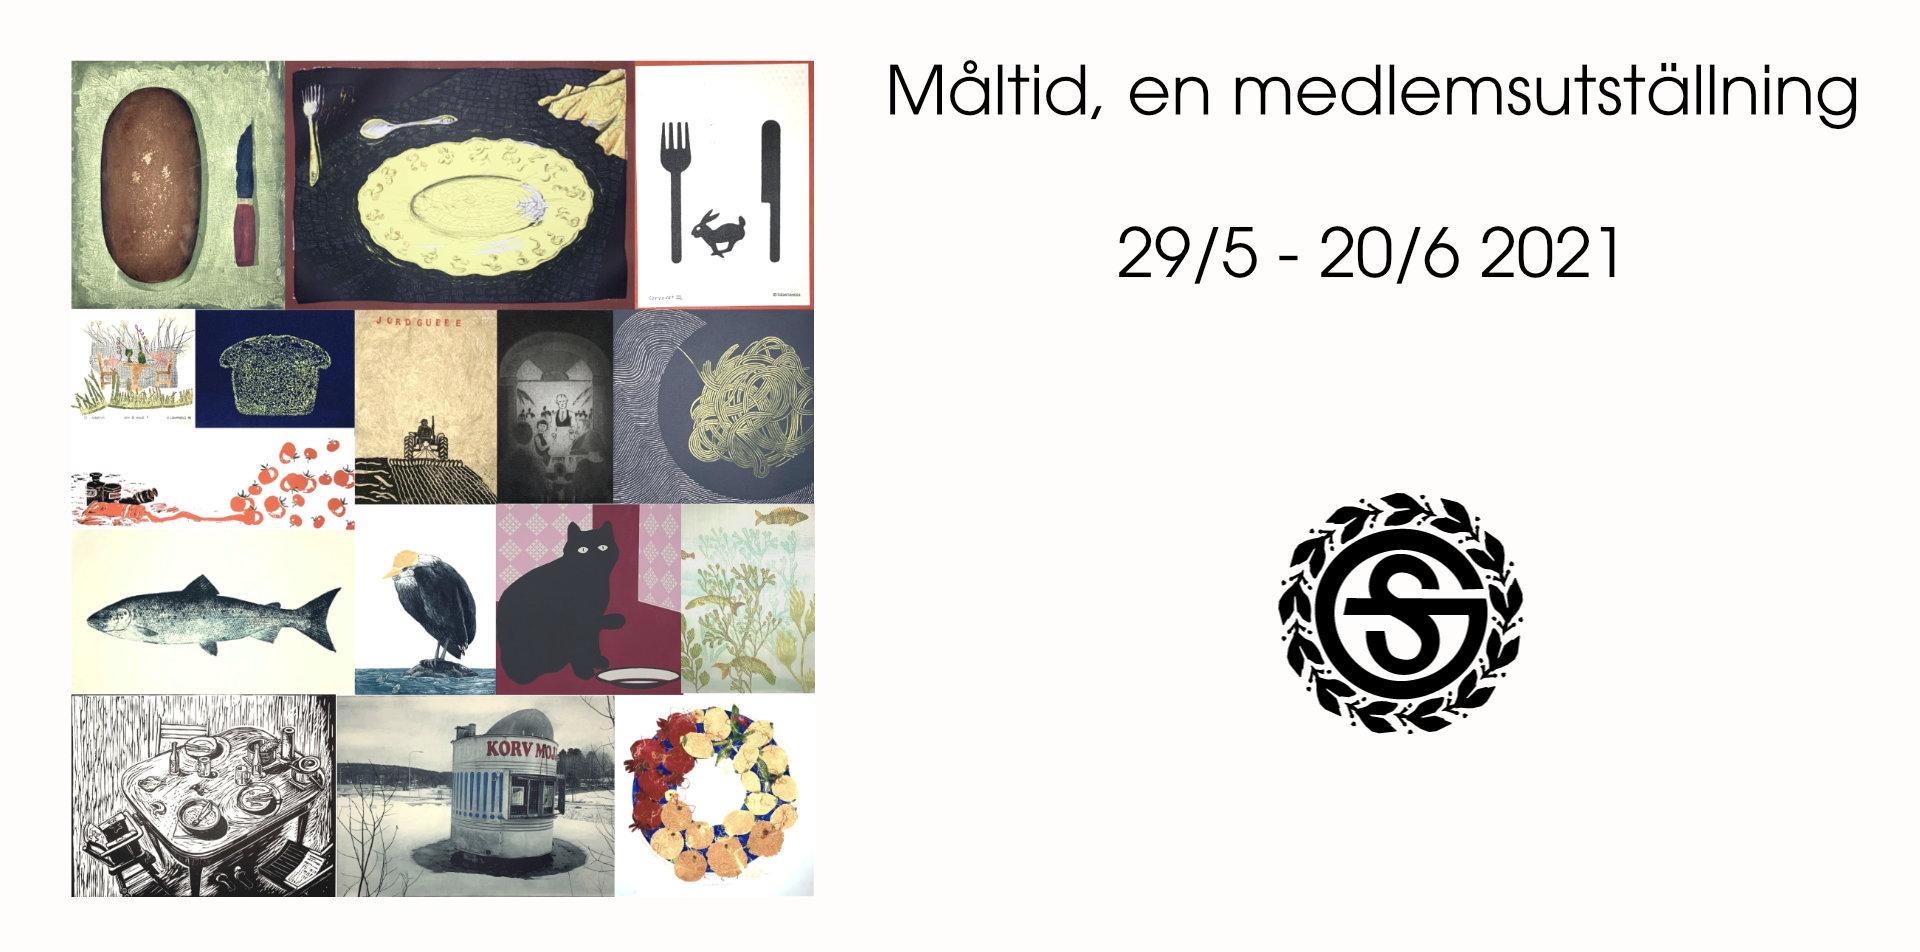 Utställning: Medlemsutställning Måltid 29/5 - 20/6 2021